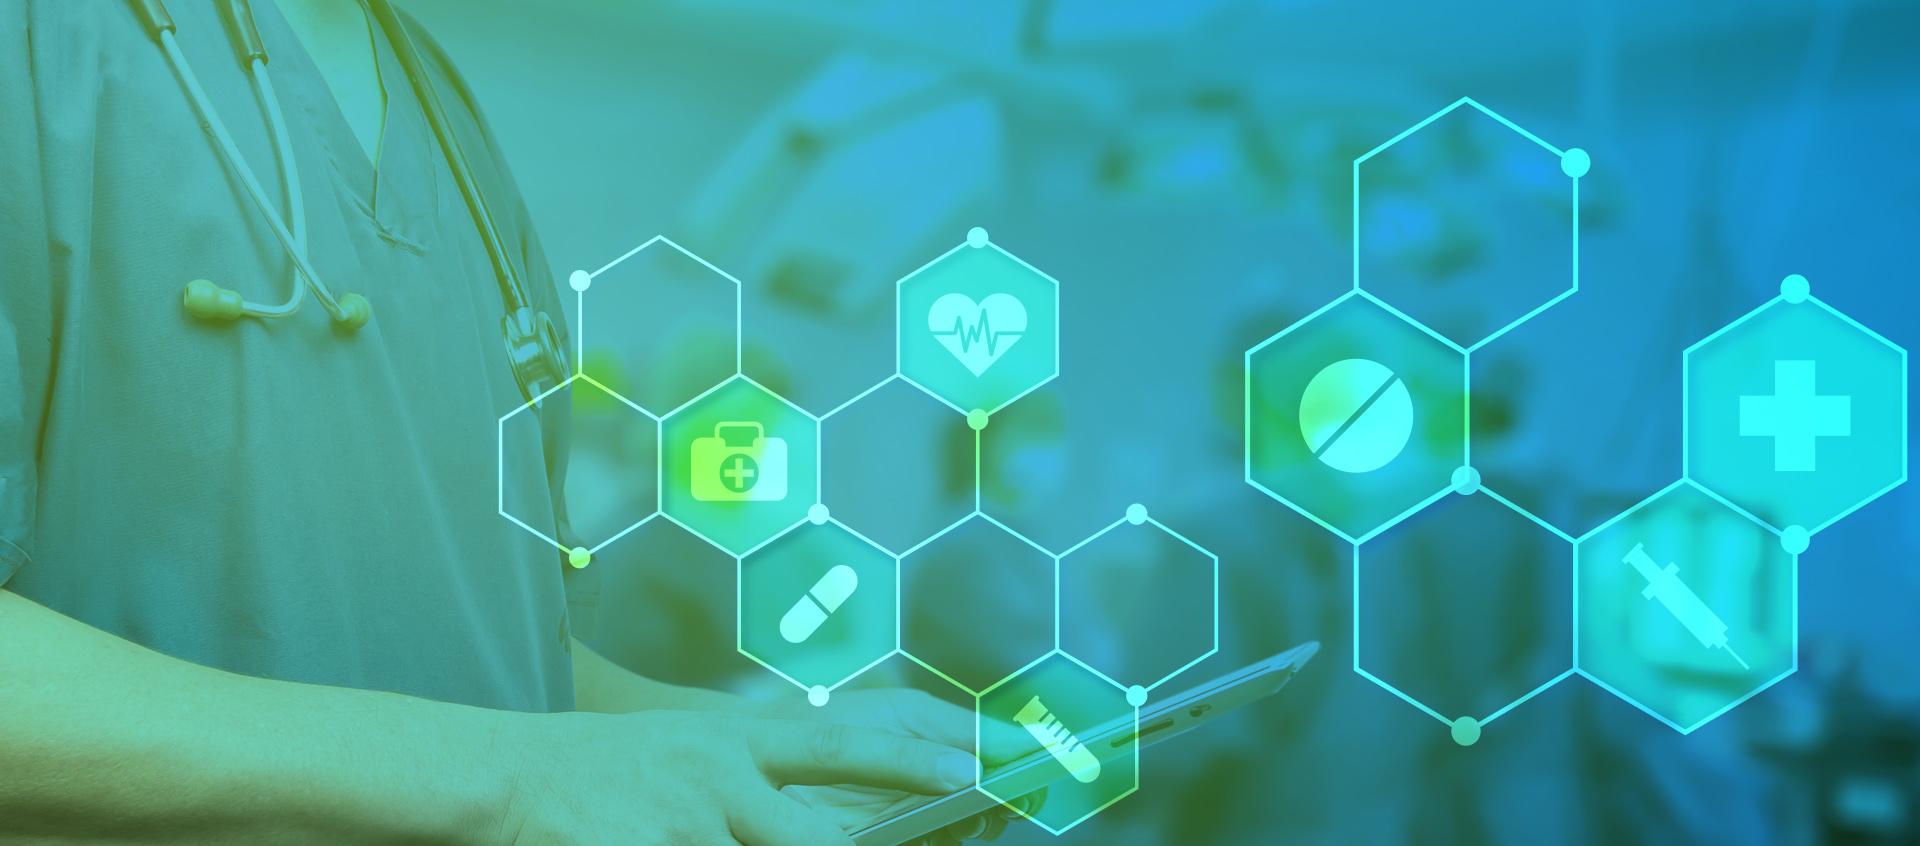 gestão de planos de saúde quidgest